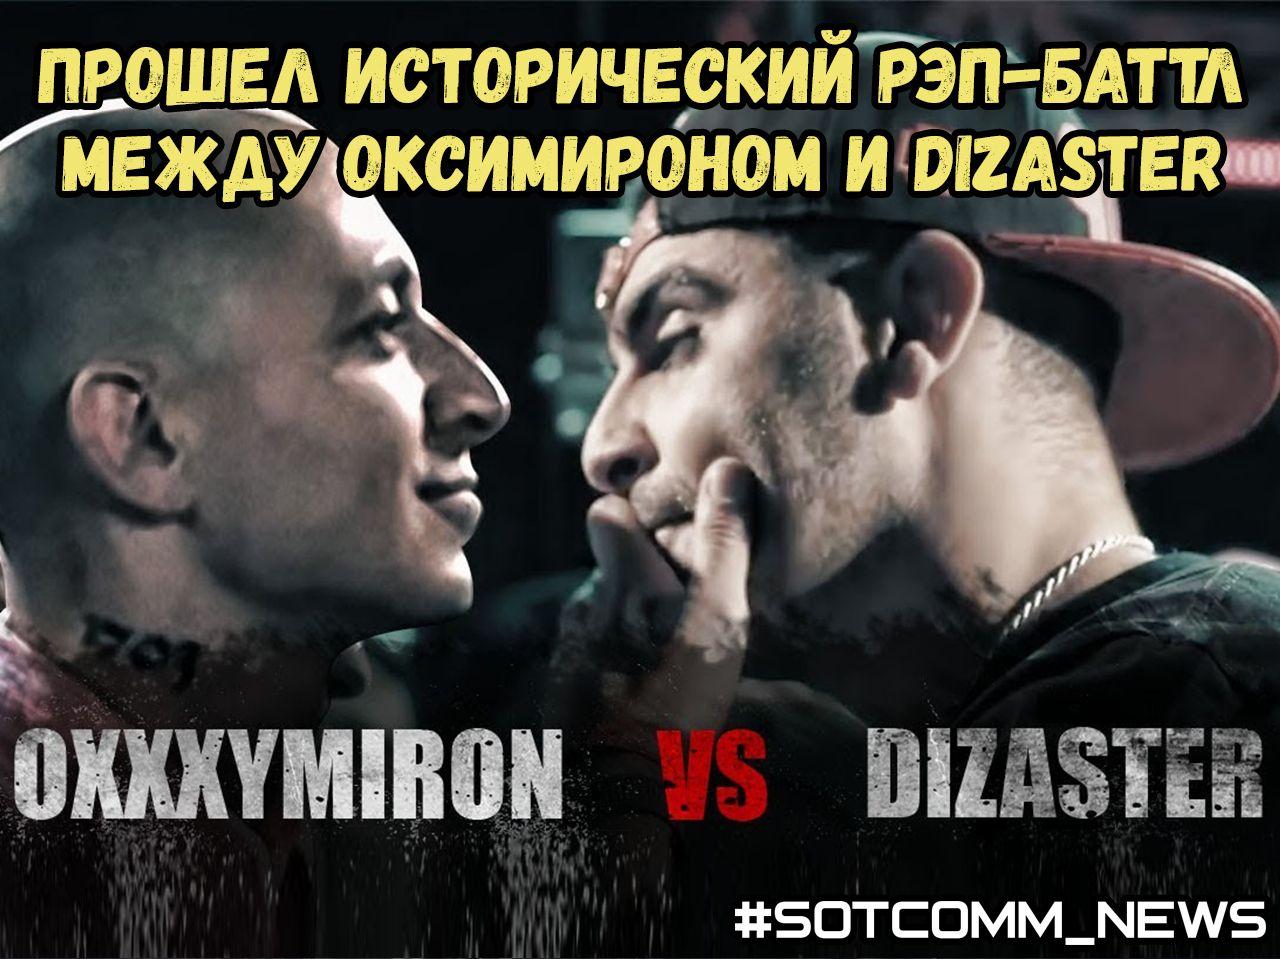 Прошел исторический рэп-баттл между Оксимироном и Dizaster